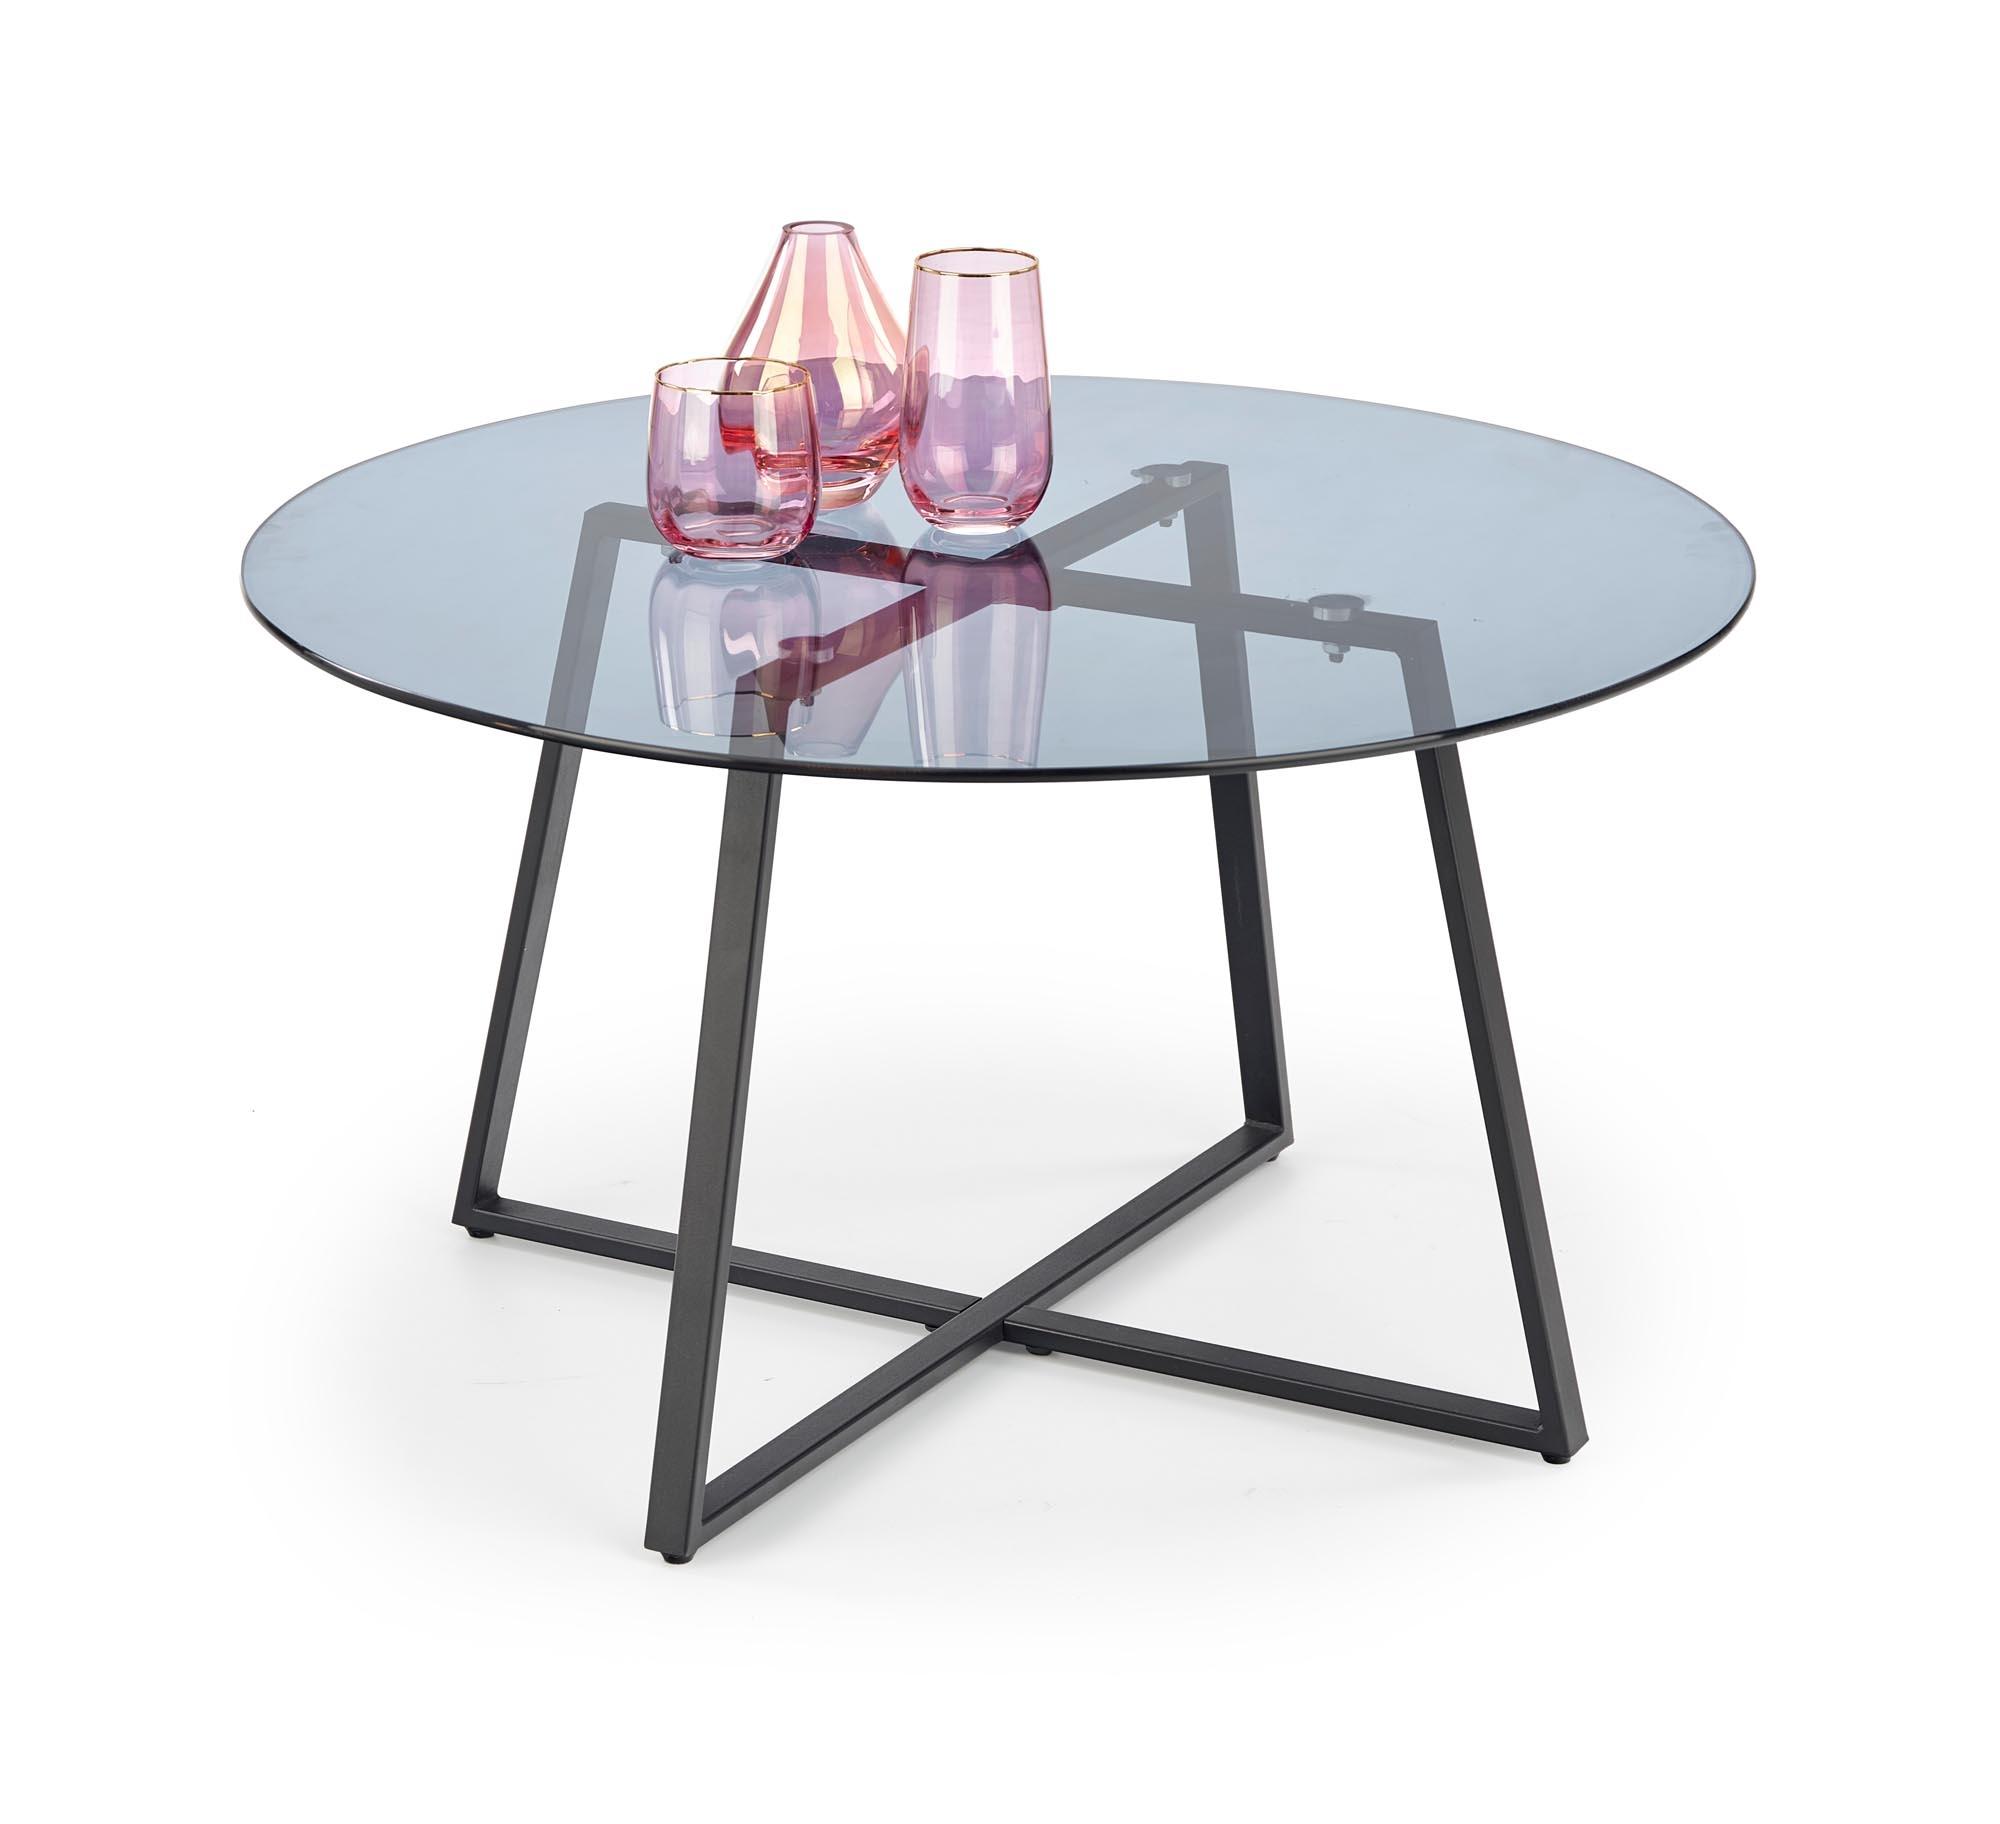 Masa de cafea din sticla si metal Zelda Negru, Ø80xH45 cm imagine